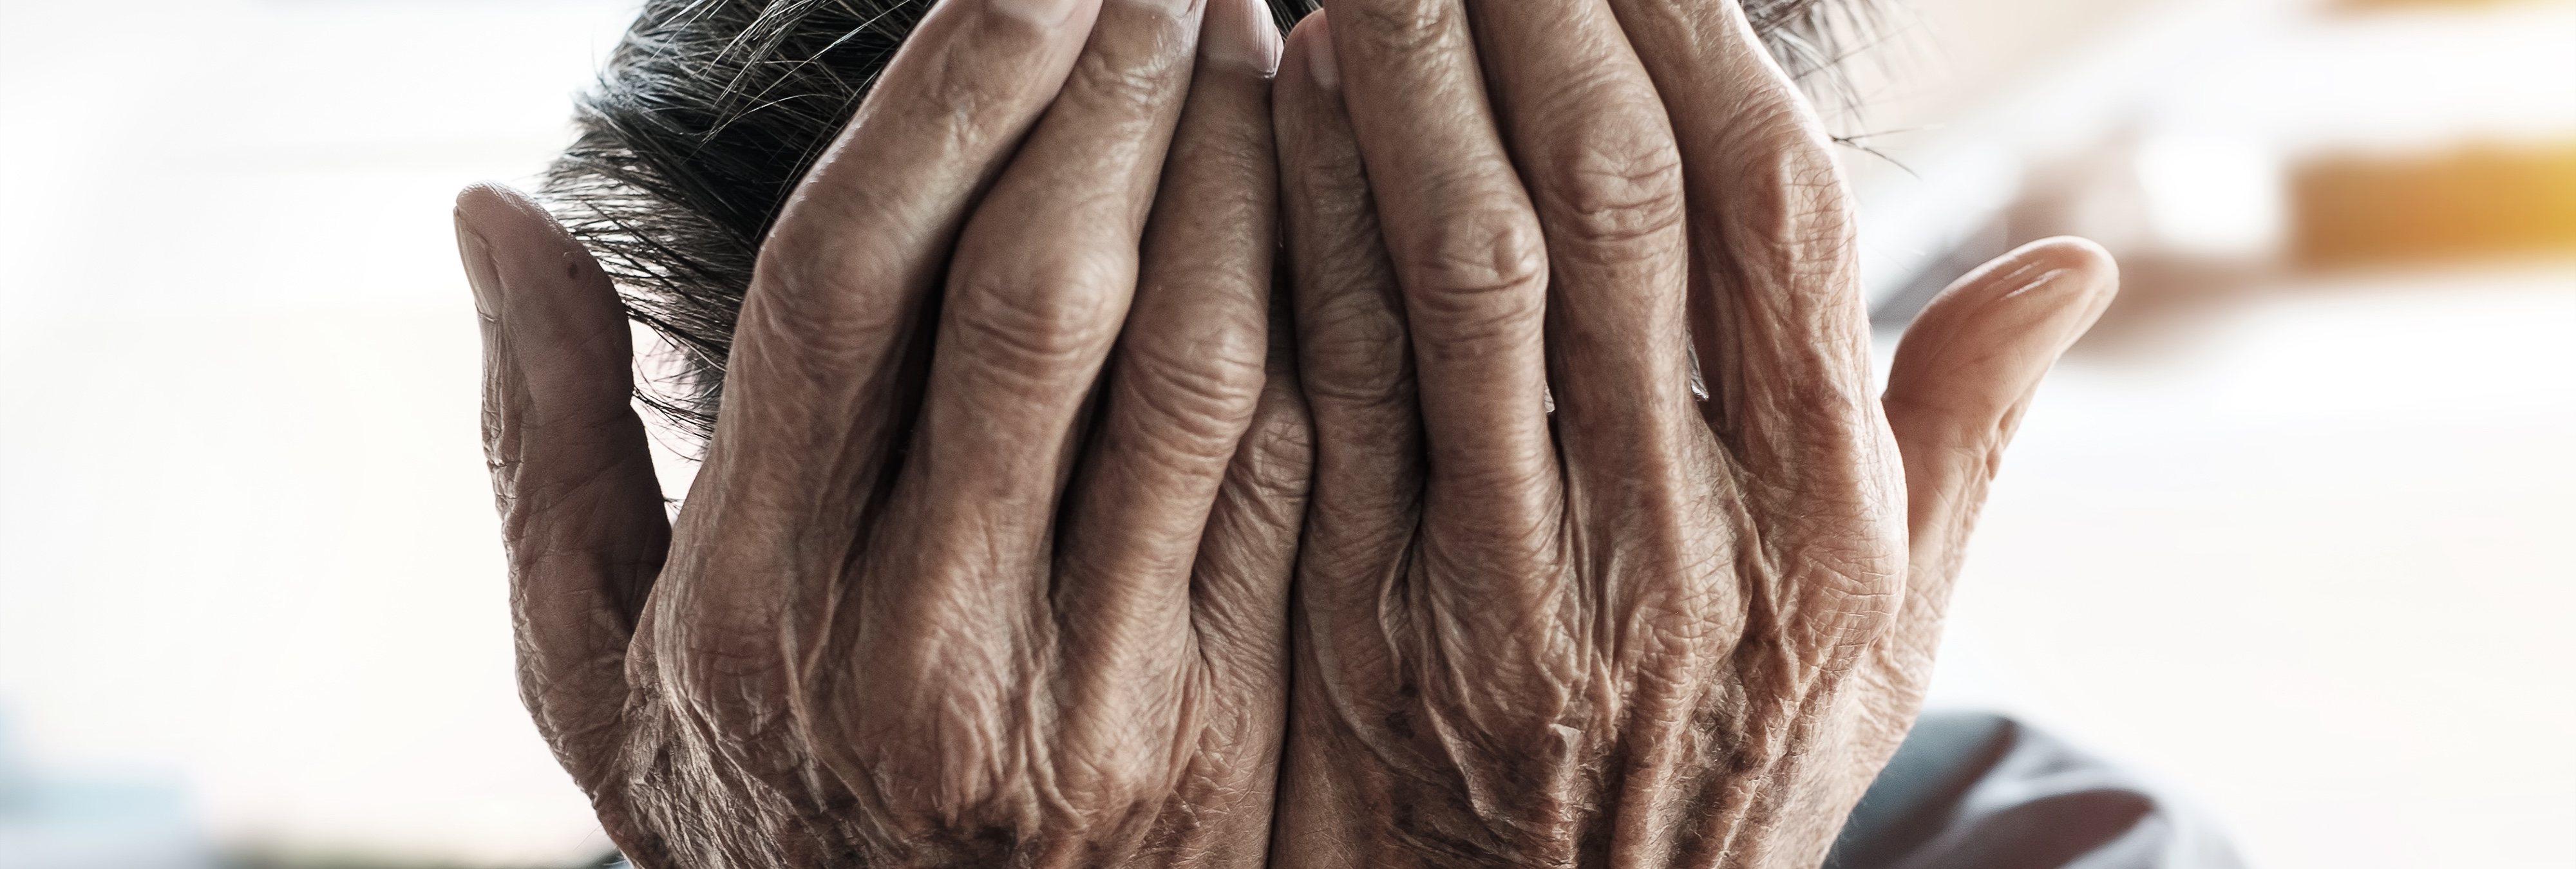 Mónica y Josefa: las dos cuidadoras de Los Nogales despedidas por maltratar ancianos